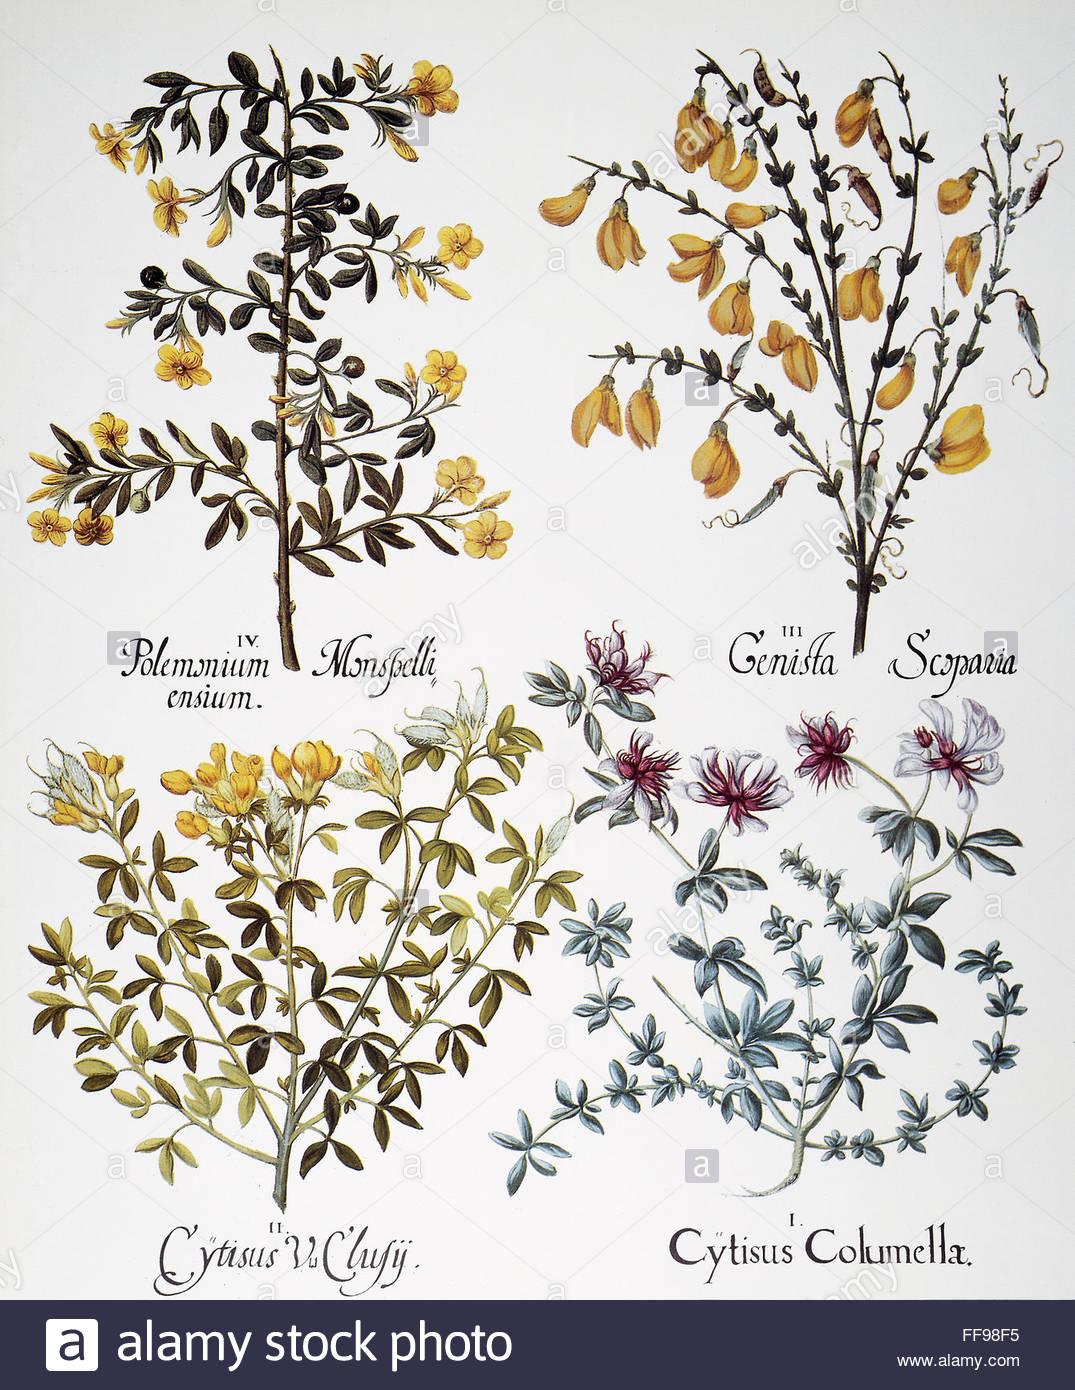 Jasmine, 1613. /niv: Wild Jasmine (jasmium Fruticans); Iii: Broom.